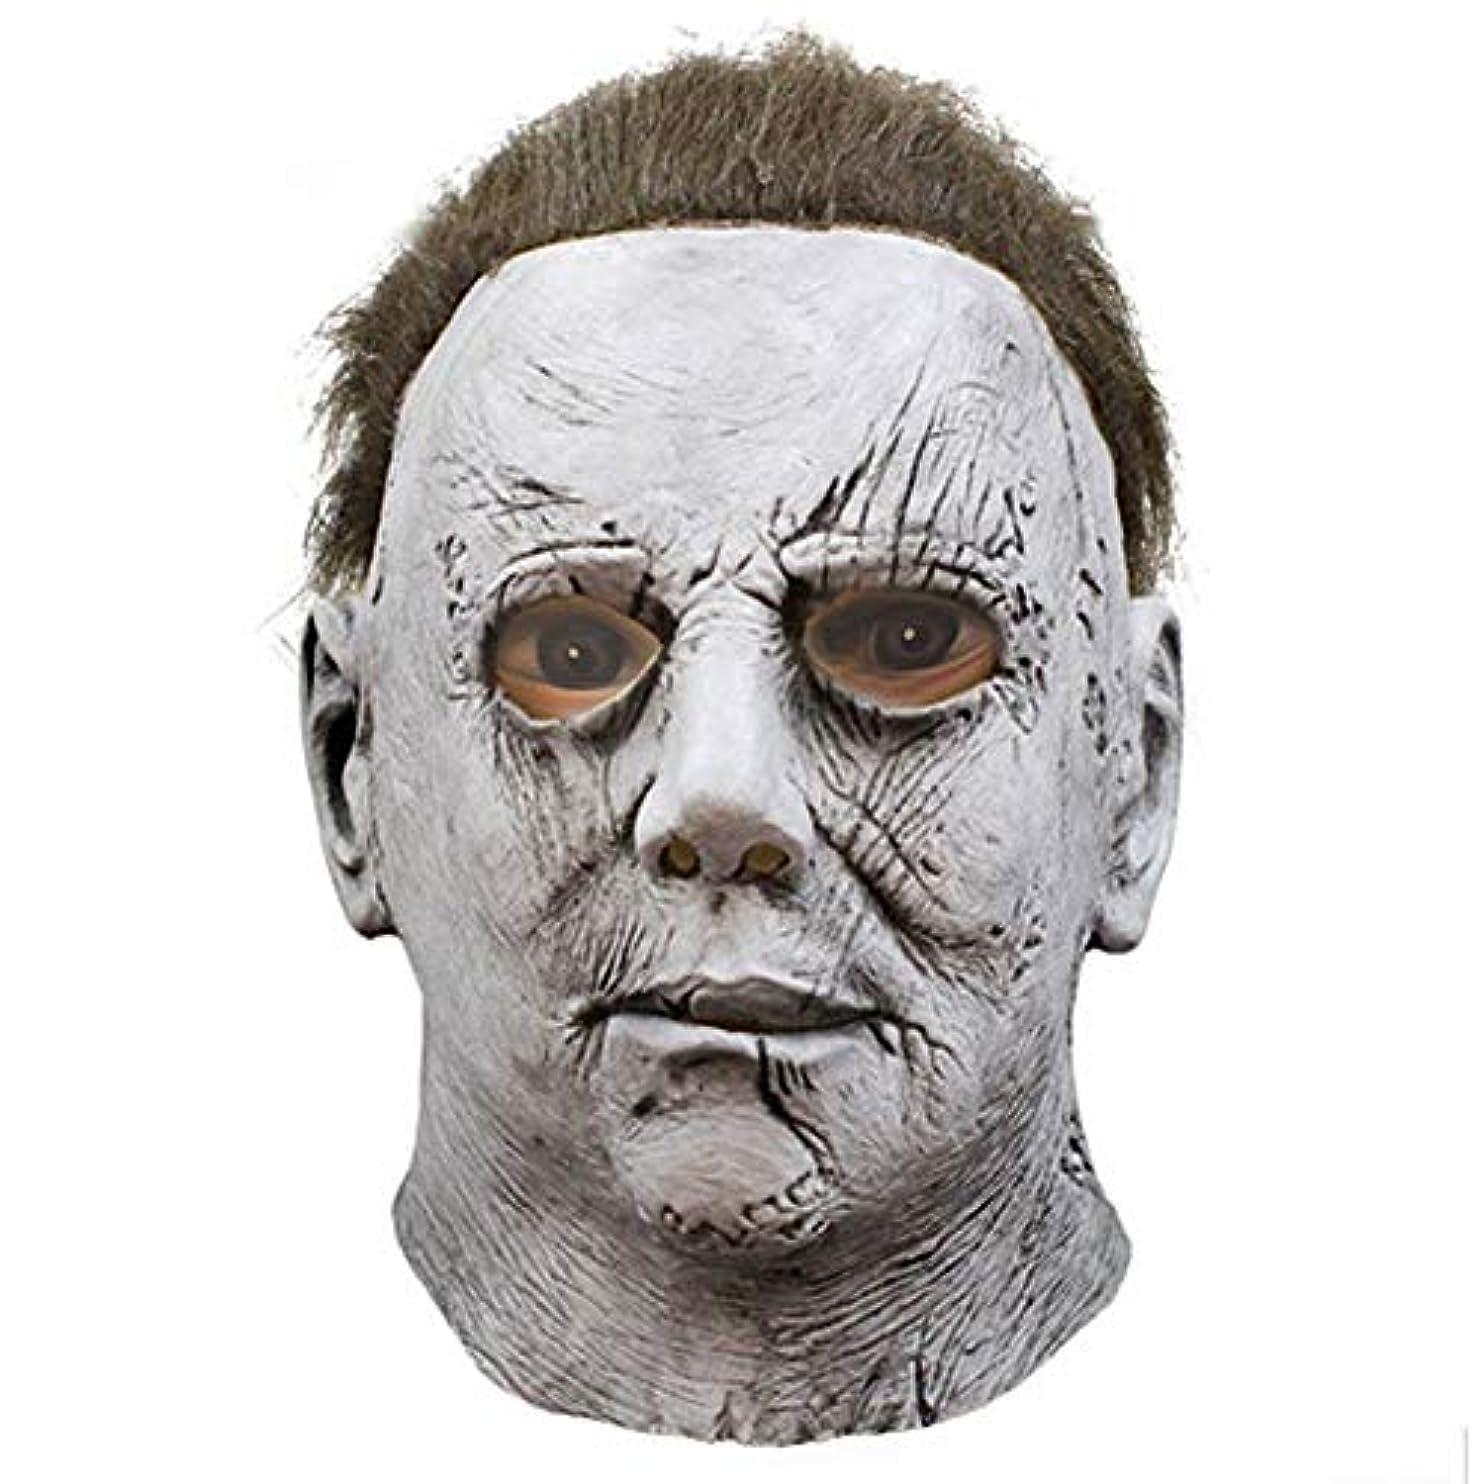 これまで直立罪人ハロウィーンマスク、顔をしかめるラテックスマスク、ハロウィーン、テーマパーティー、カーニバル、レイブパーティー、バー、小道具、映画。